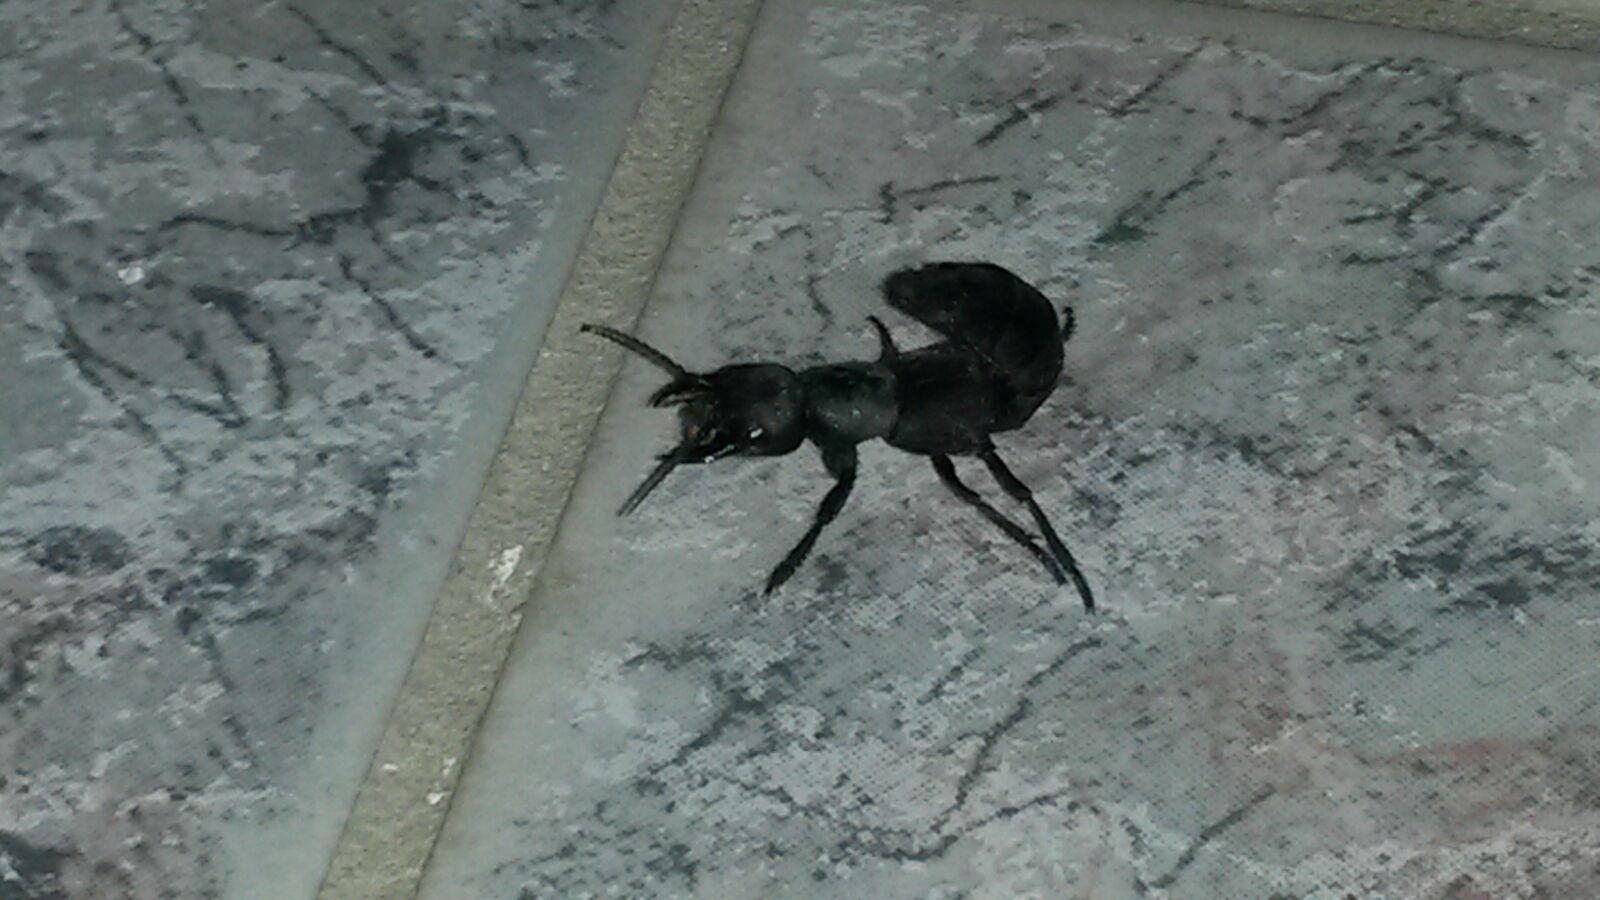 habe eine schwarze ameise mit stachel am r cken im keller gefunden wei jemand was das f r ein. Black Bedroom Furniture Sets. Home Design Ideas